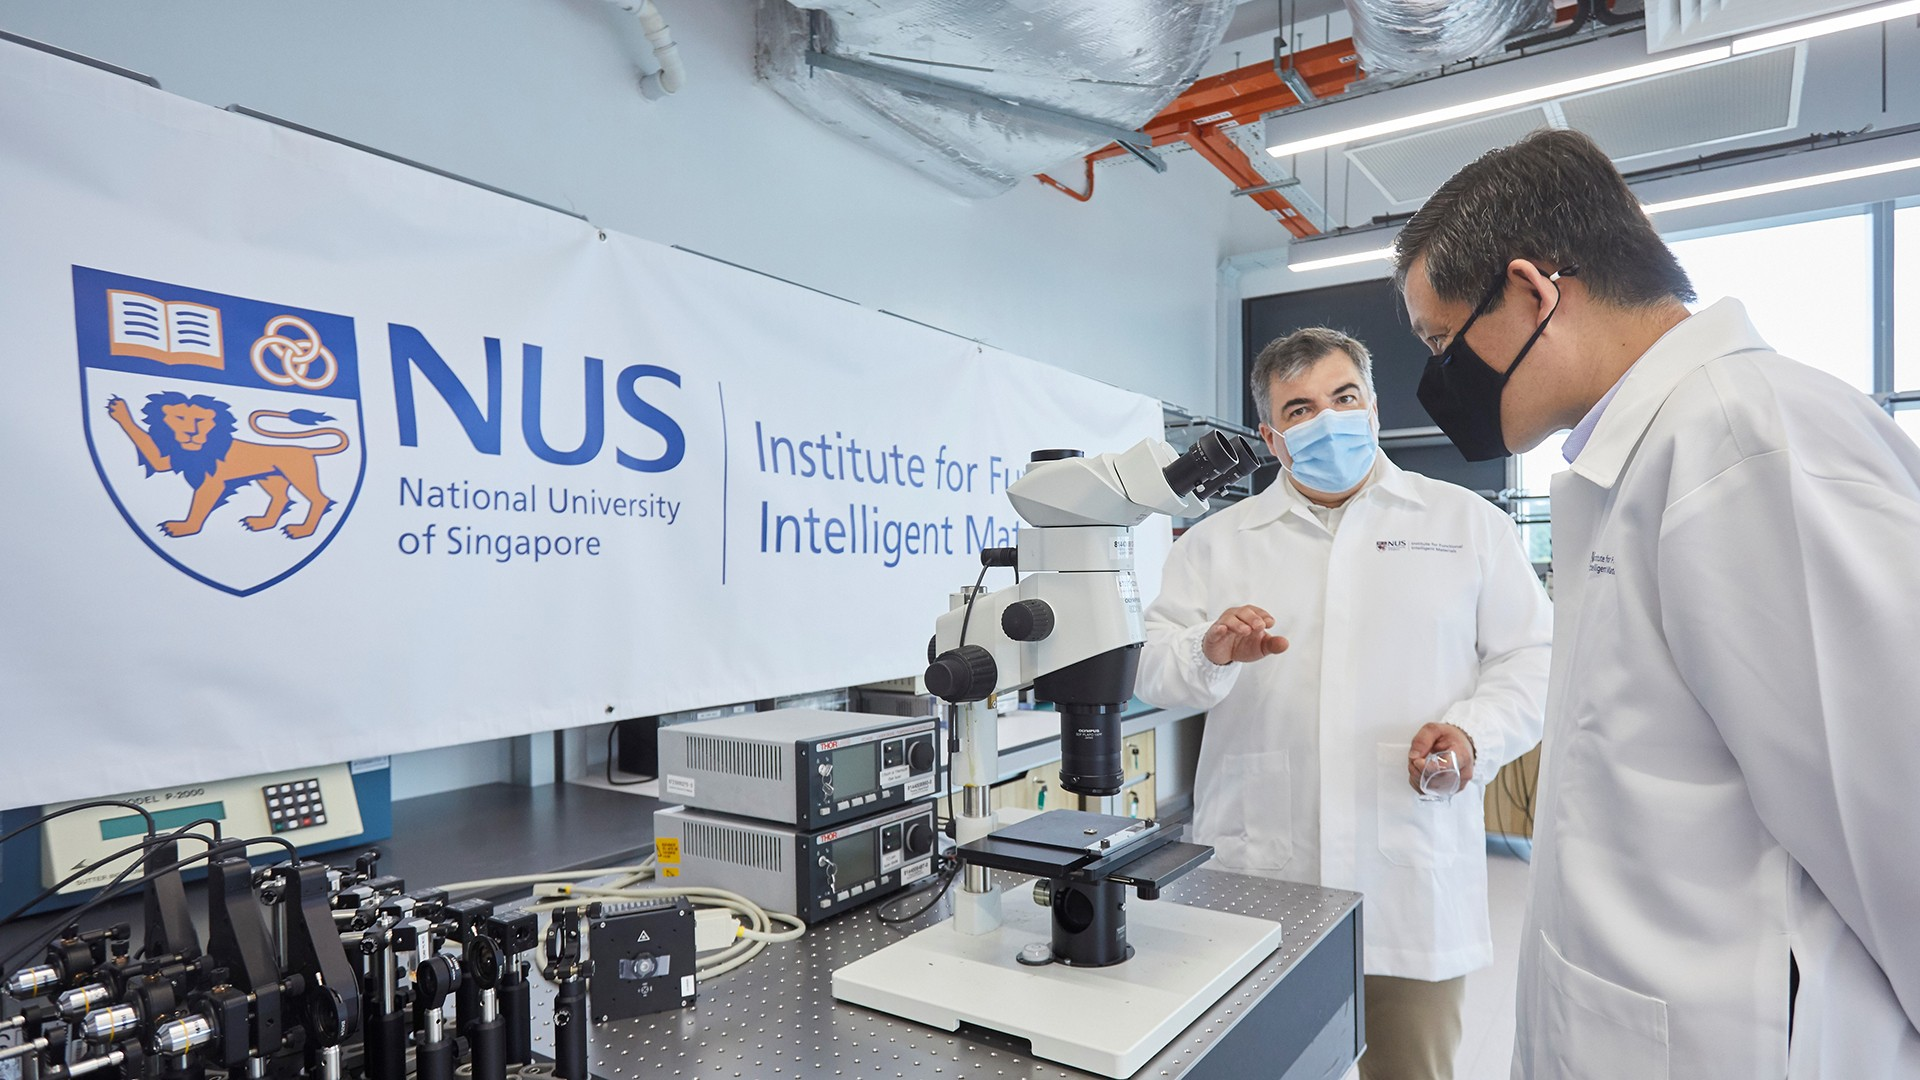 institute for intelligent materials